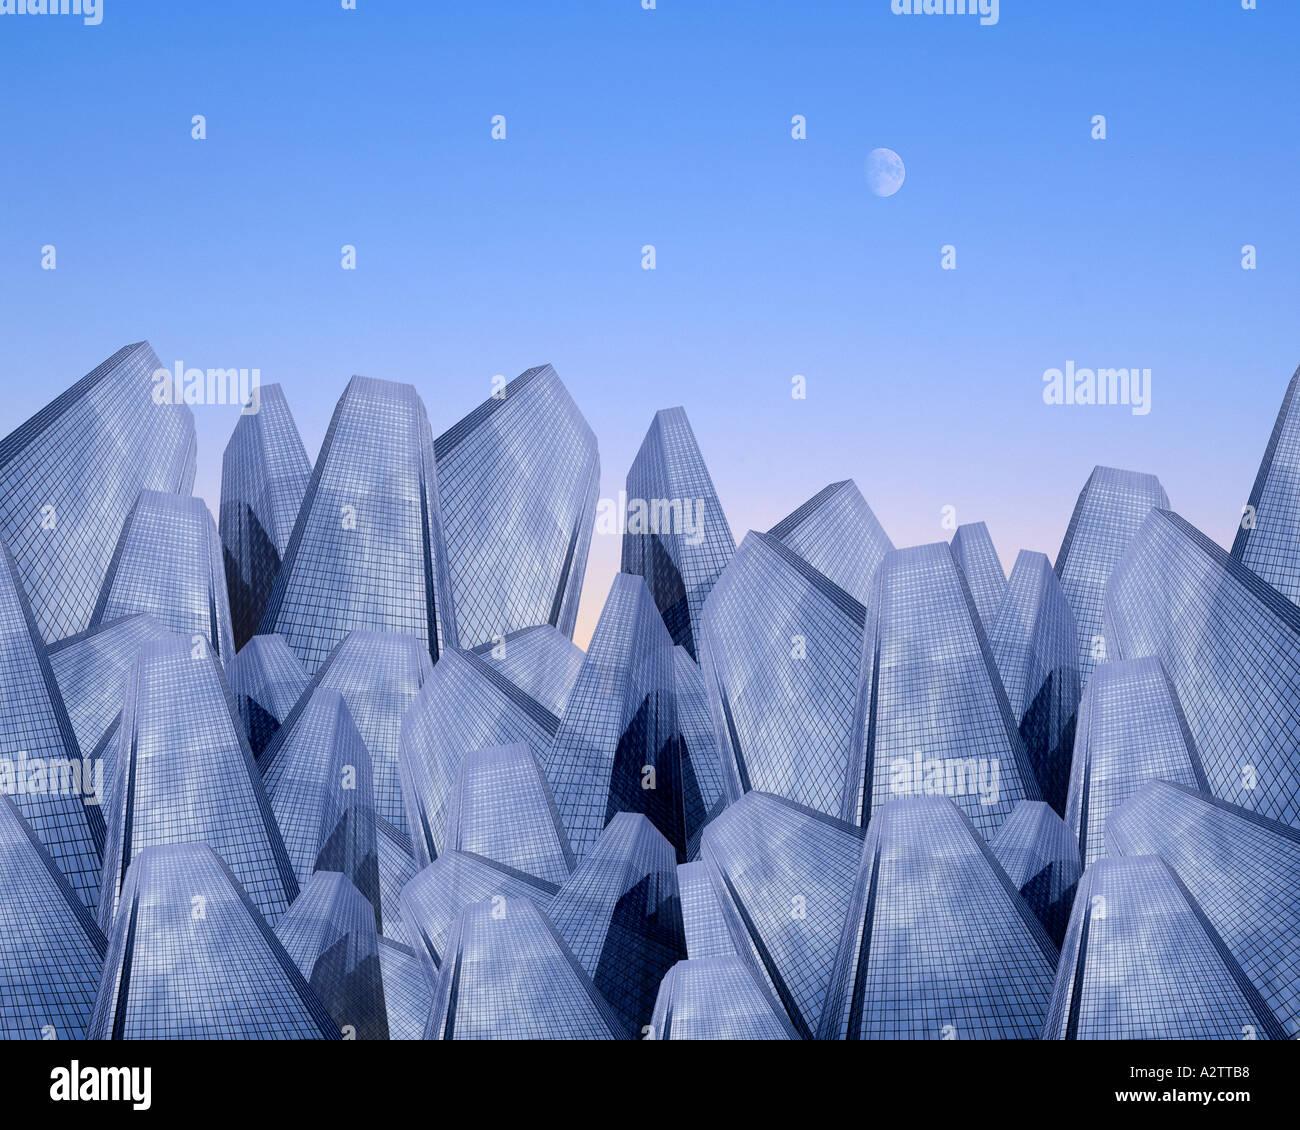 DIGITAL ART: Metropolis - Stock Image